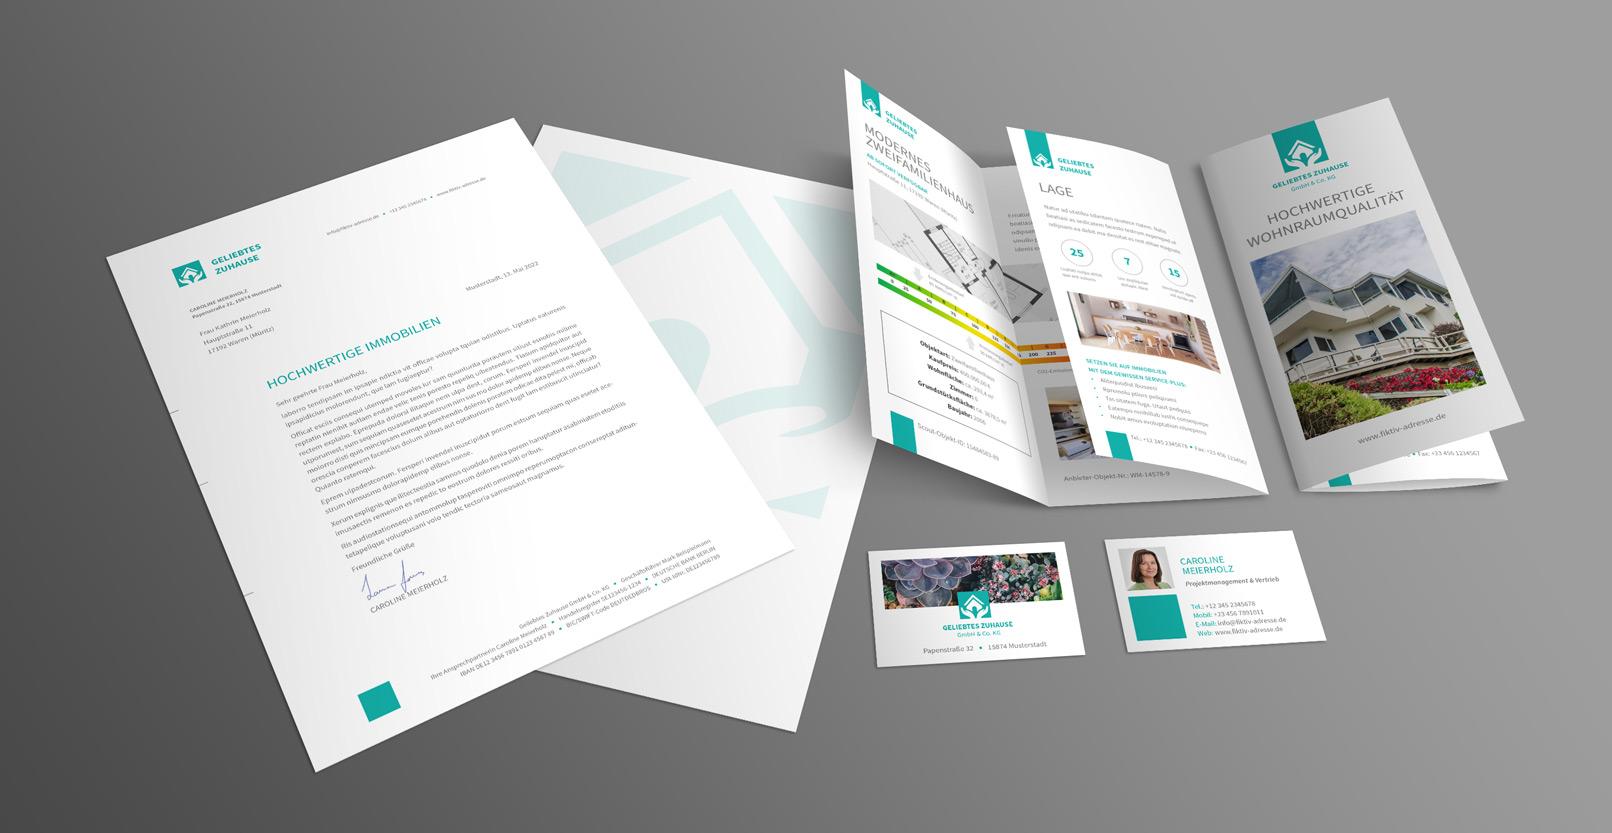 Corporate Design-Vorlagen für Immobilienfirmen und Architekturbüros: Briefpapier, Flyer, Visitenkarte